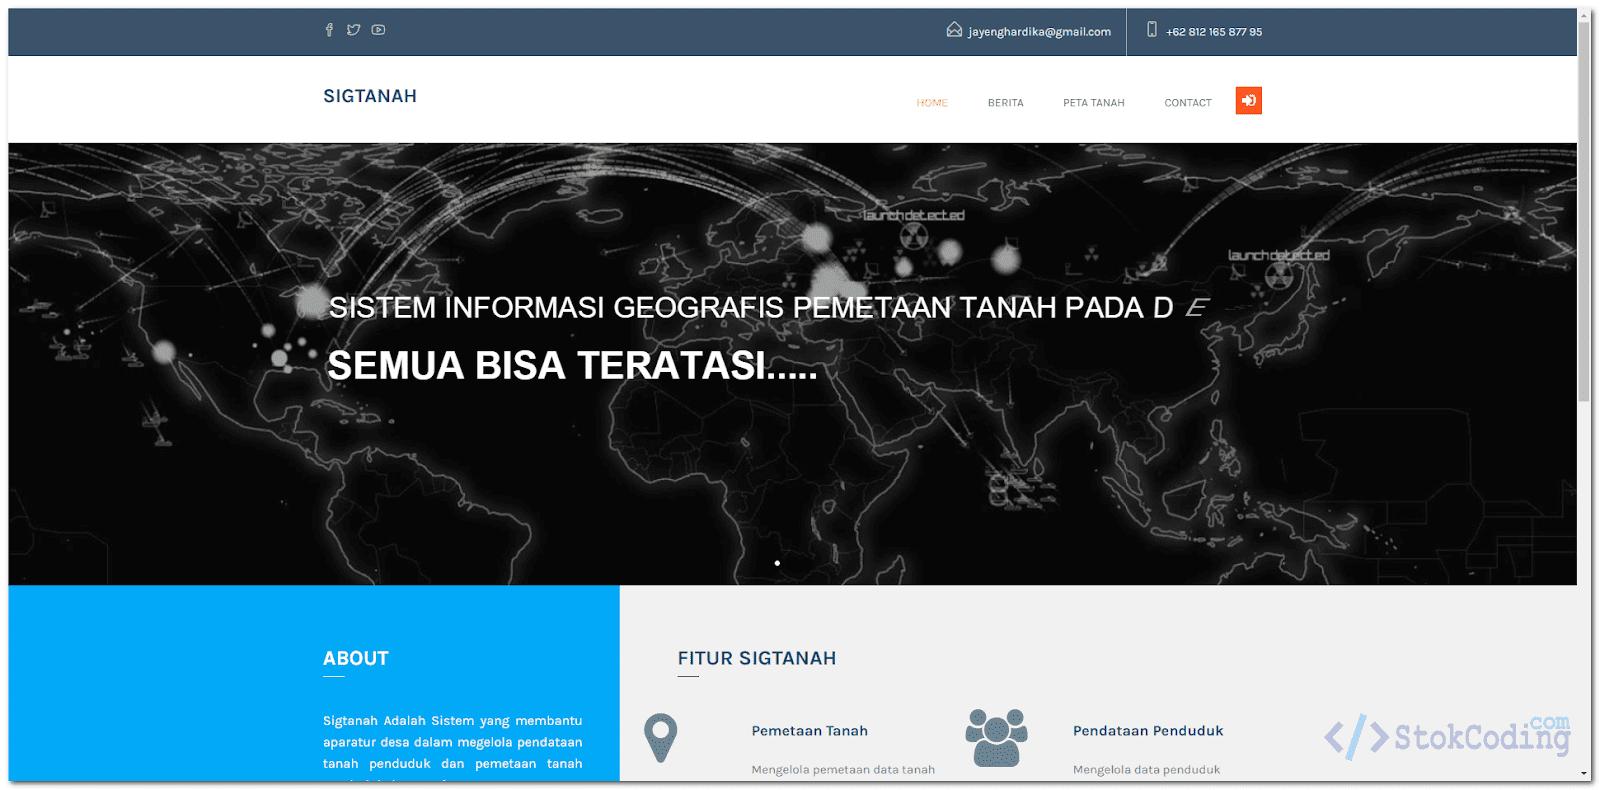 Sistem Informasi Geografis Pemetaan Tanah (Codeigniter)